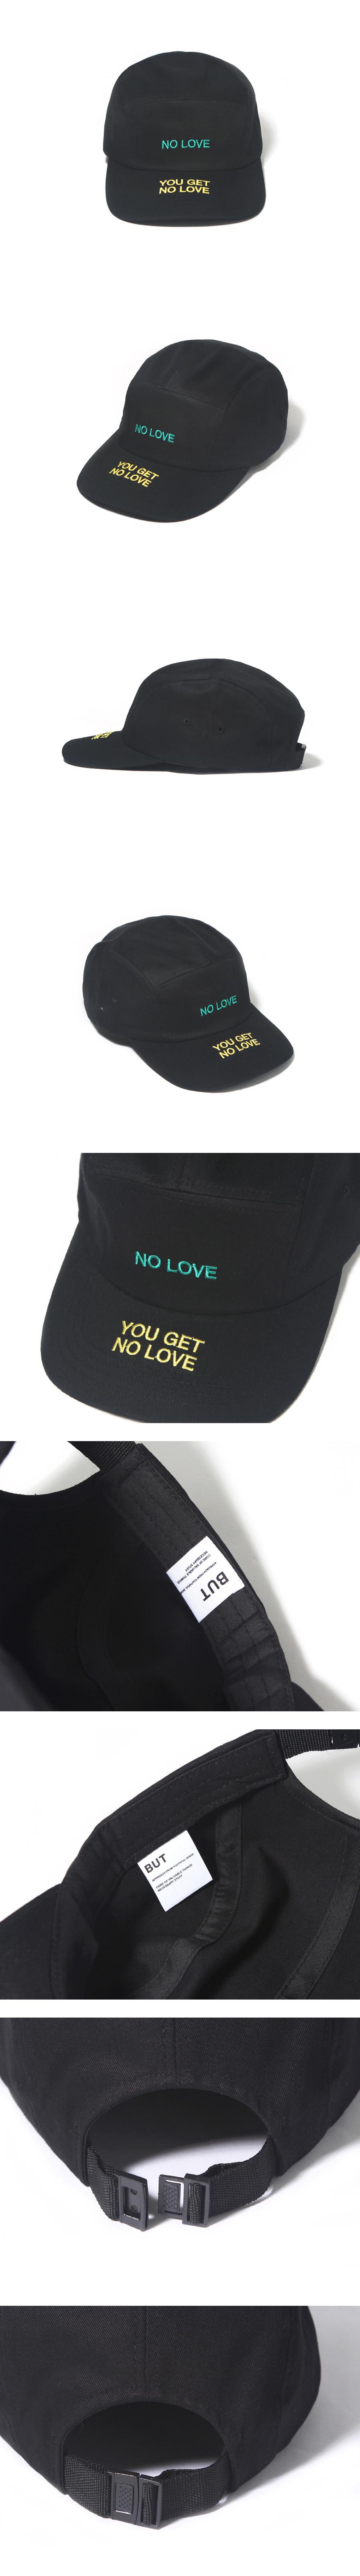 벗딥(BUTDEEP) NO LOVE CAMP CAP-BLACK